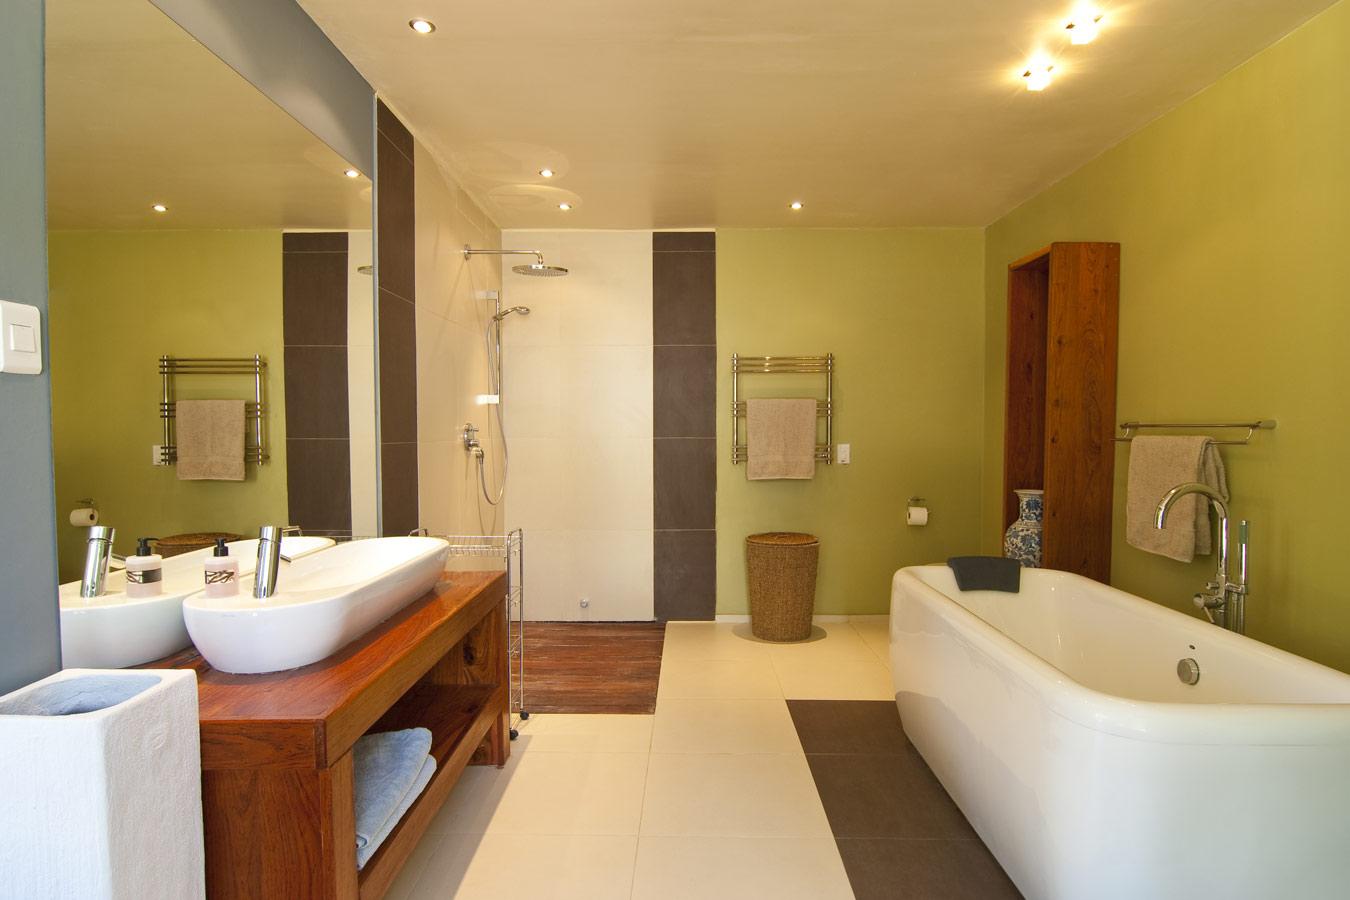 Plafond badkamer  Welke plafondbekleding kiezen?